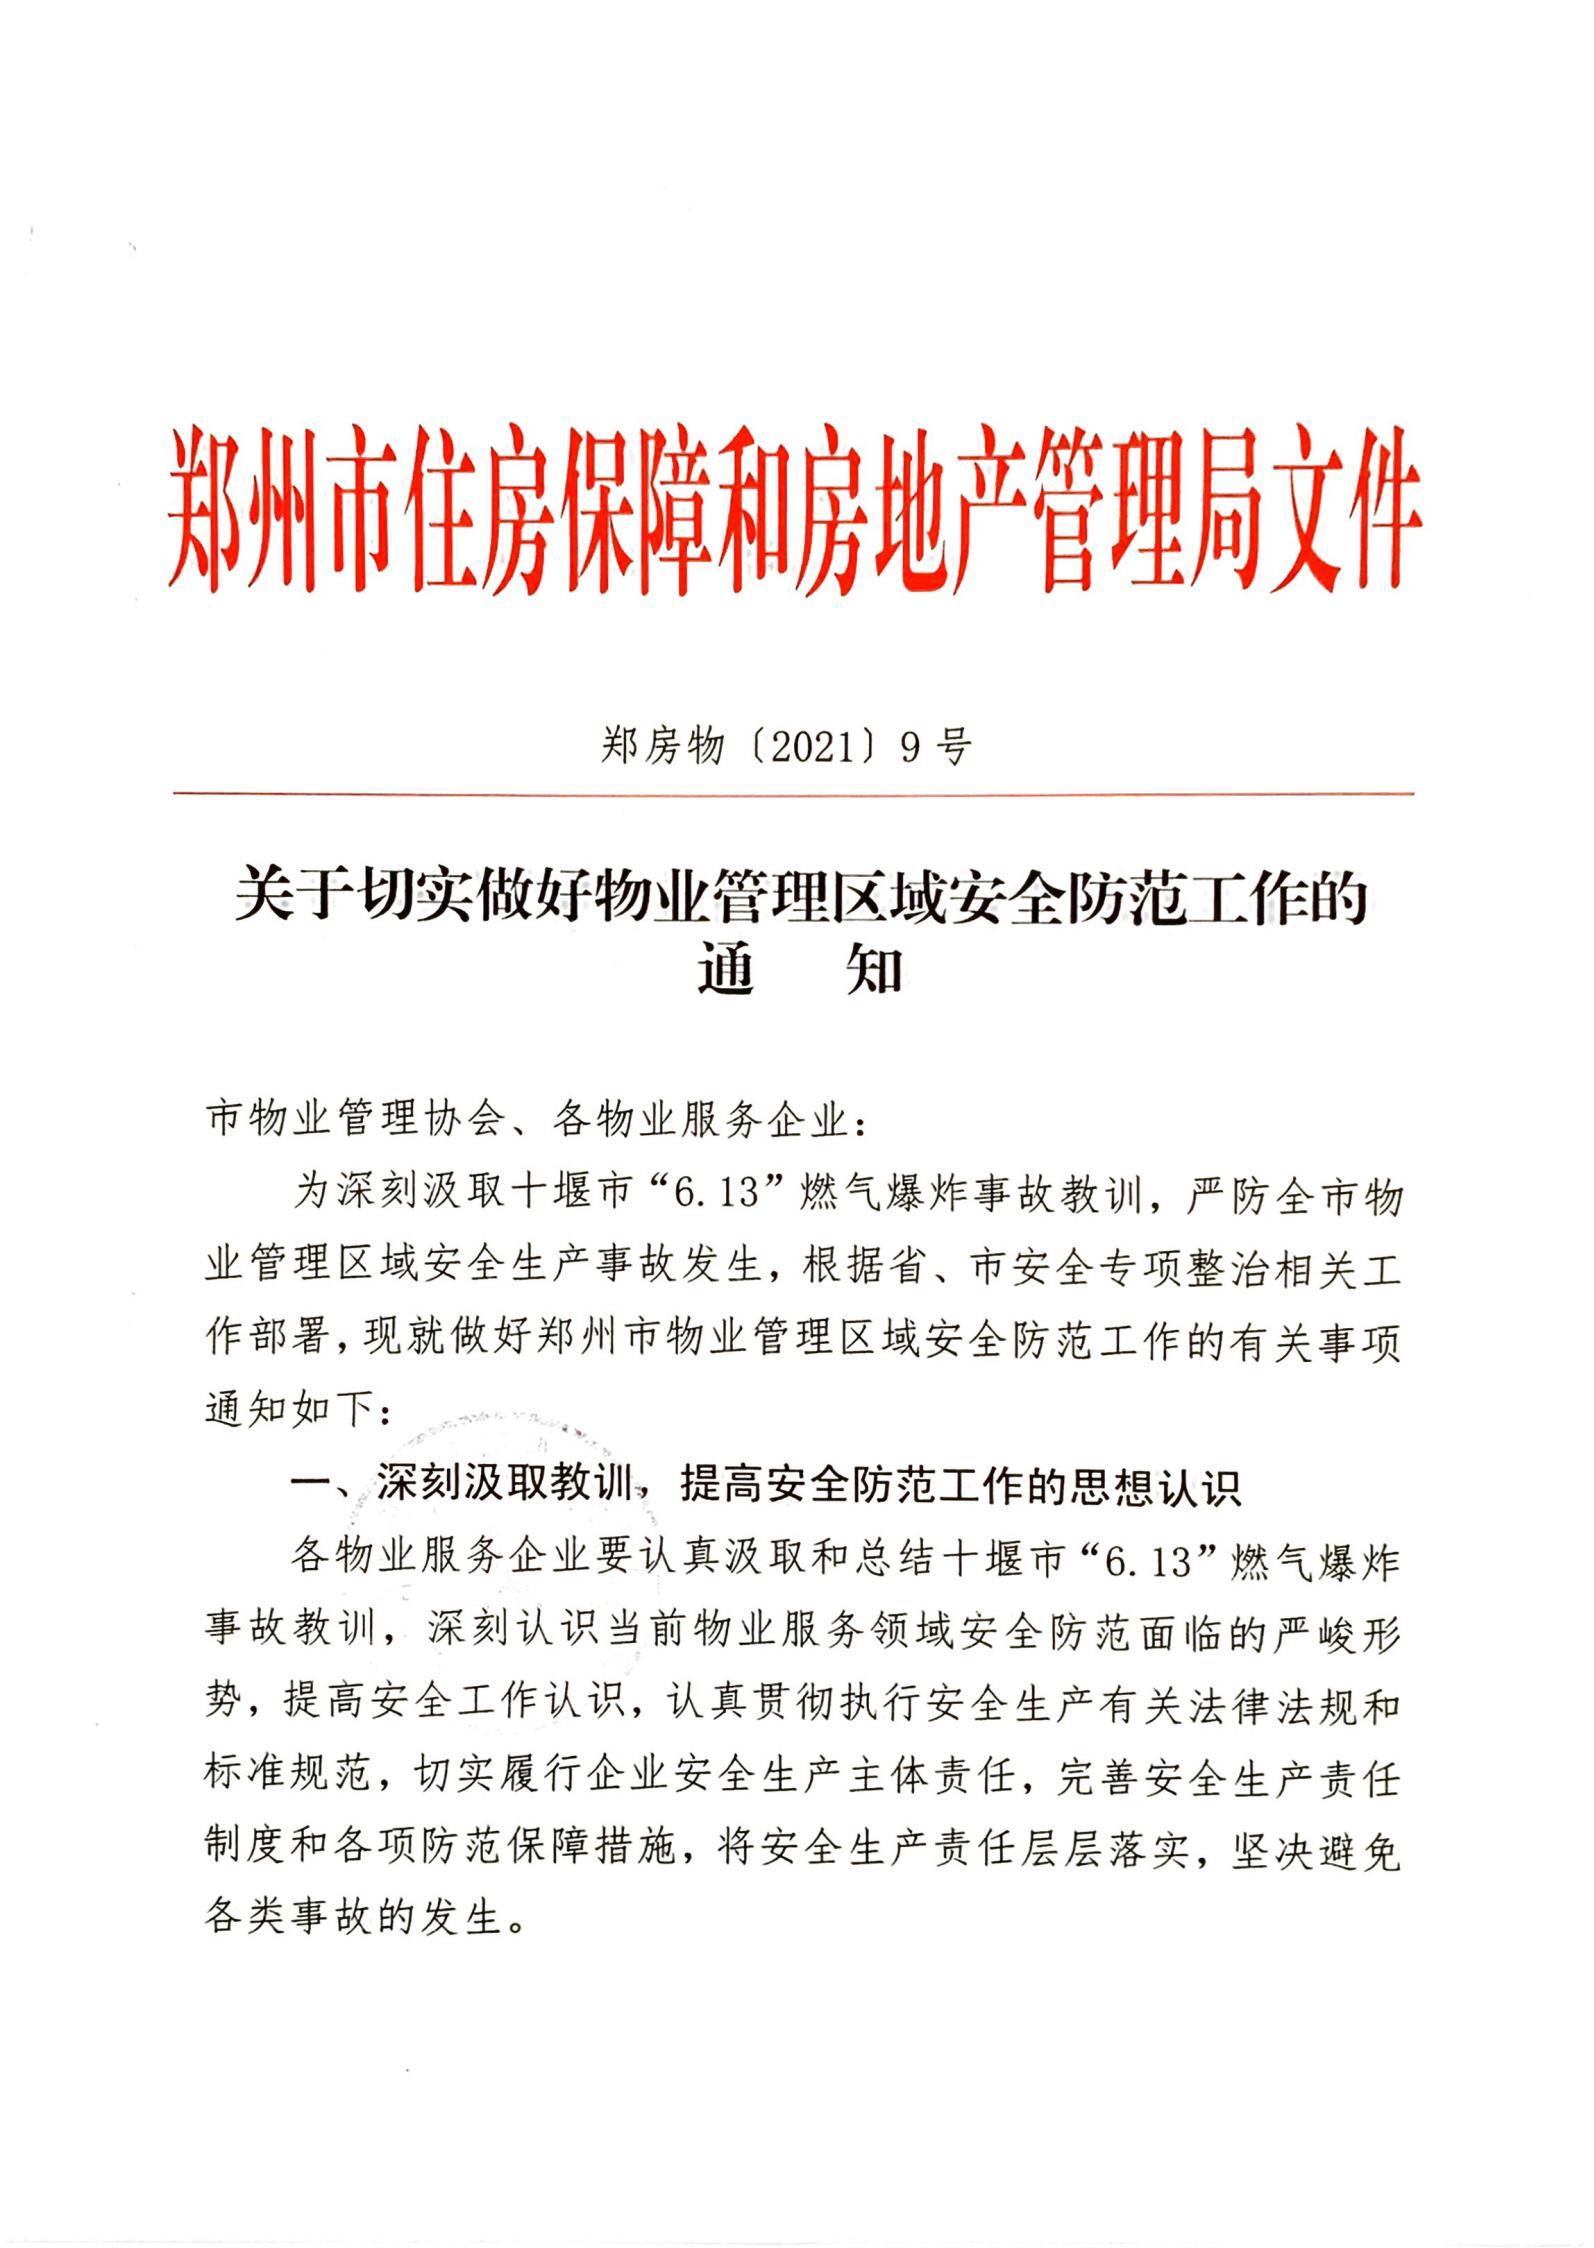 关于切实做好物业管理区域安全防范工作的通知(郑房物第9号)_00.jpg